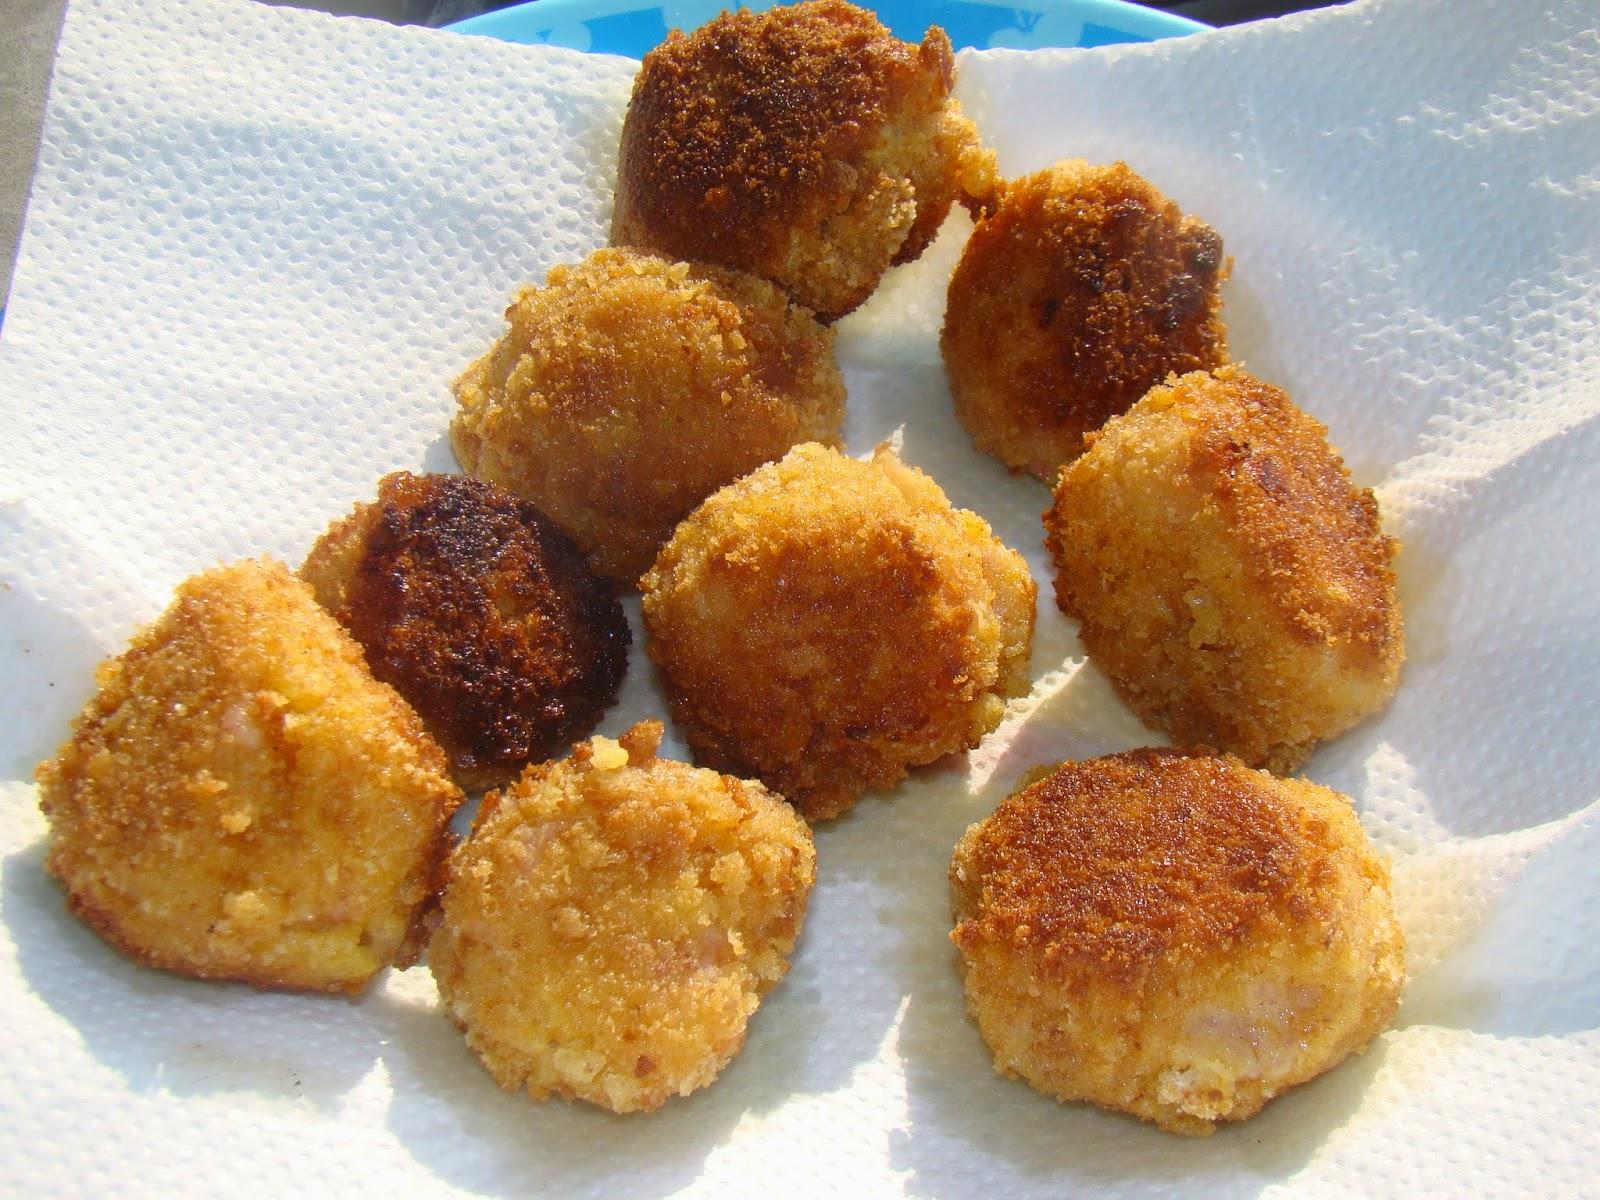 Croquette De Jambon Au Four croquetas (croquettes au jambon - espagne)